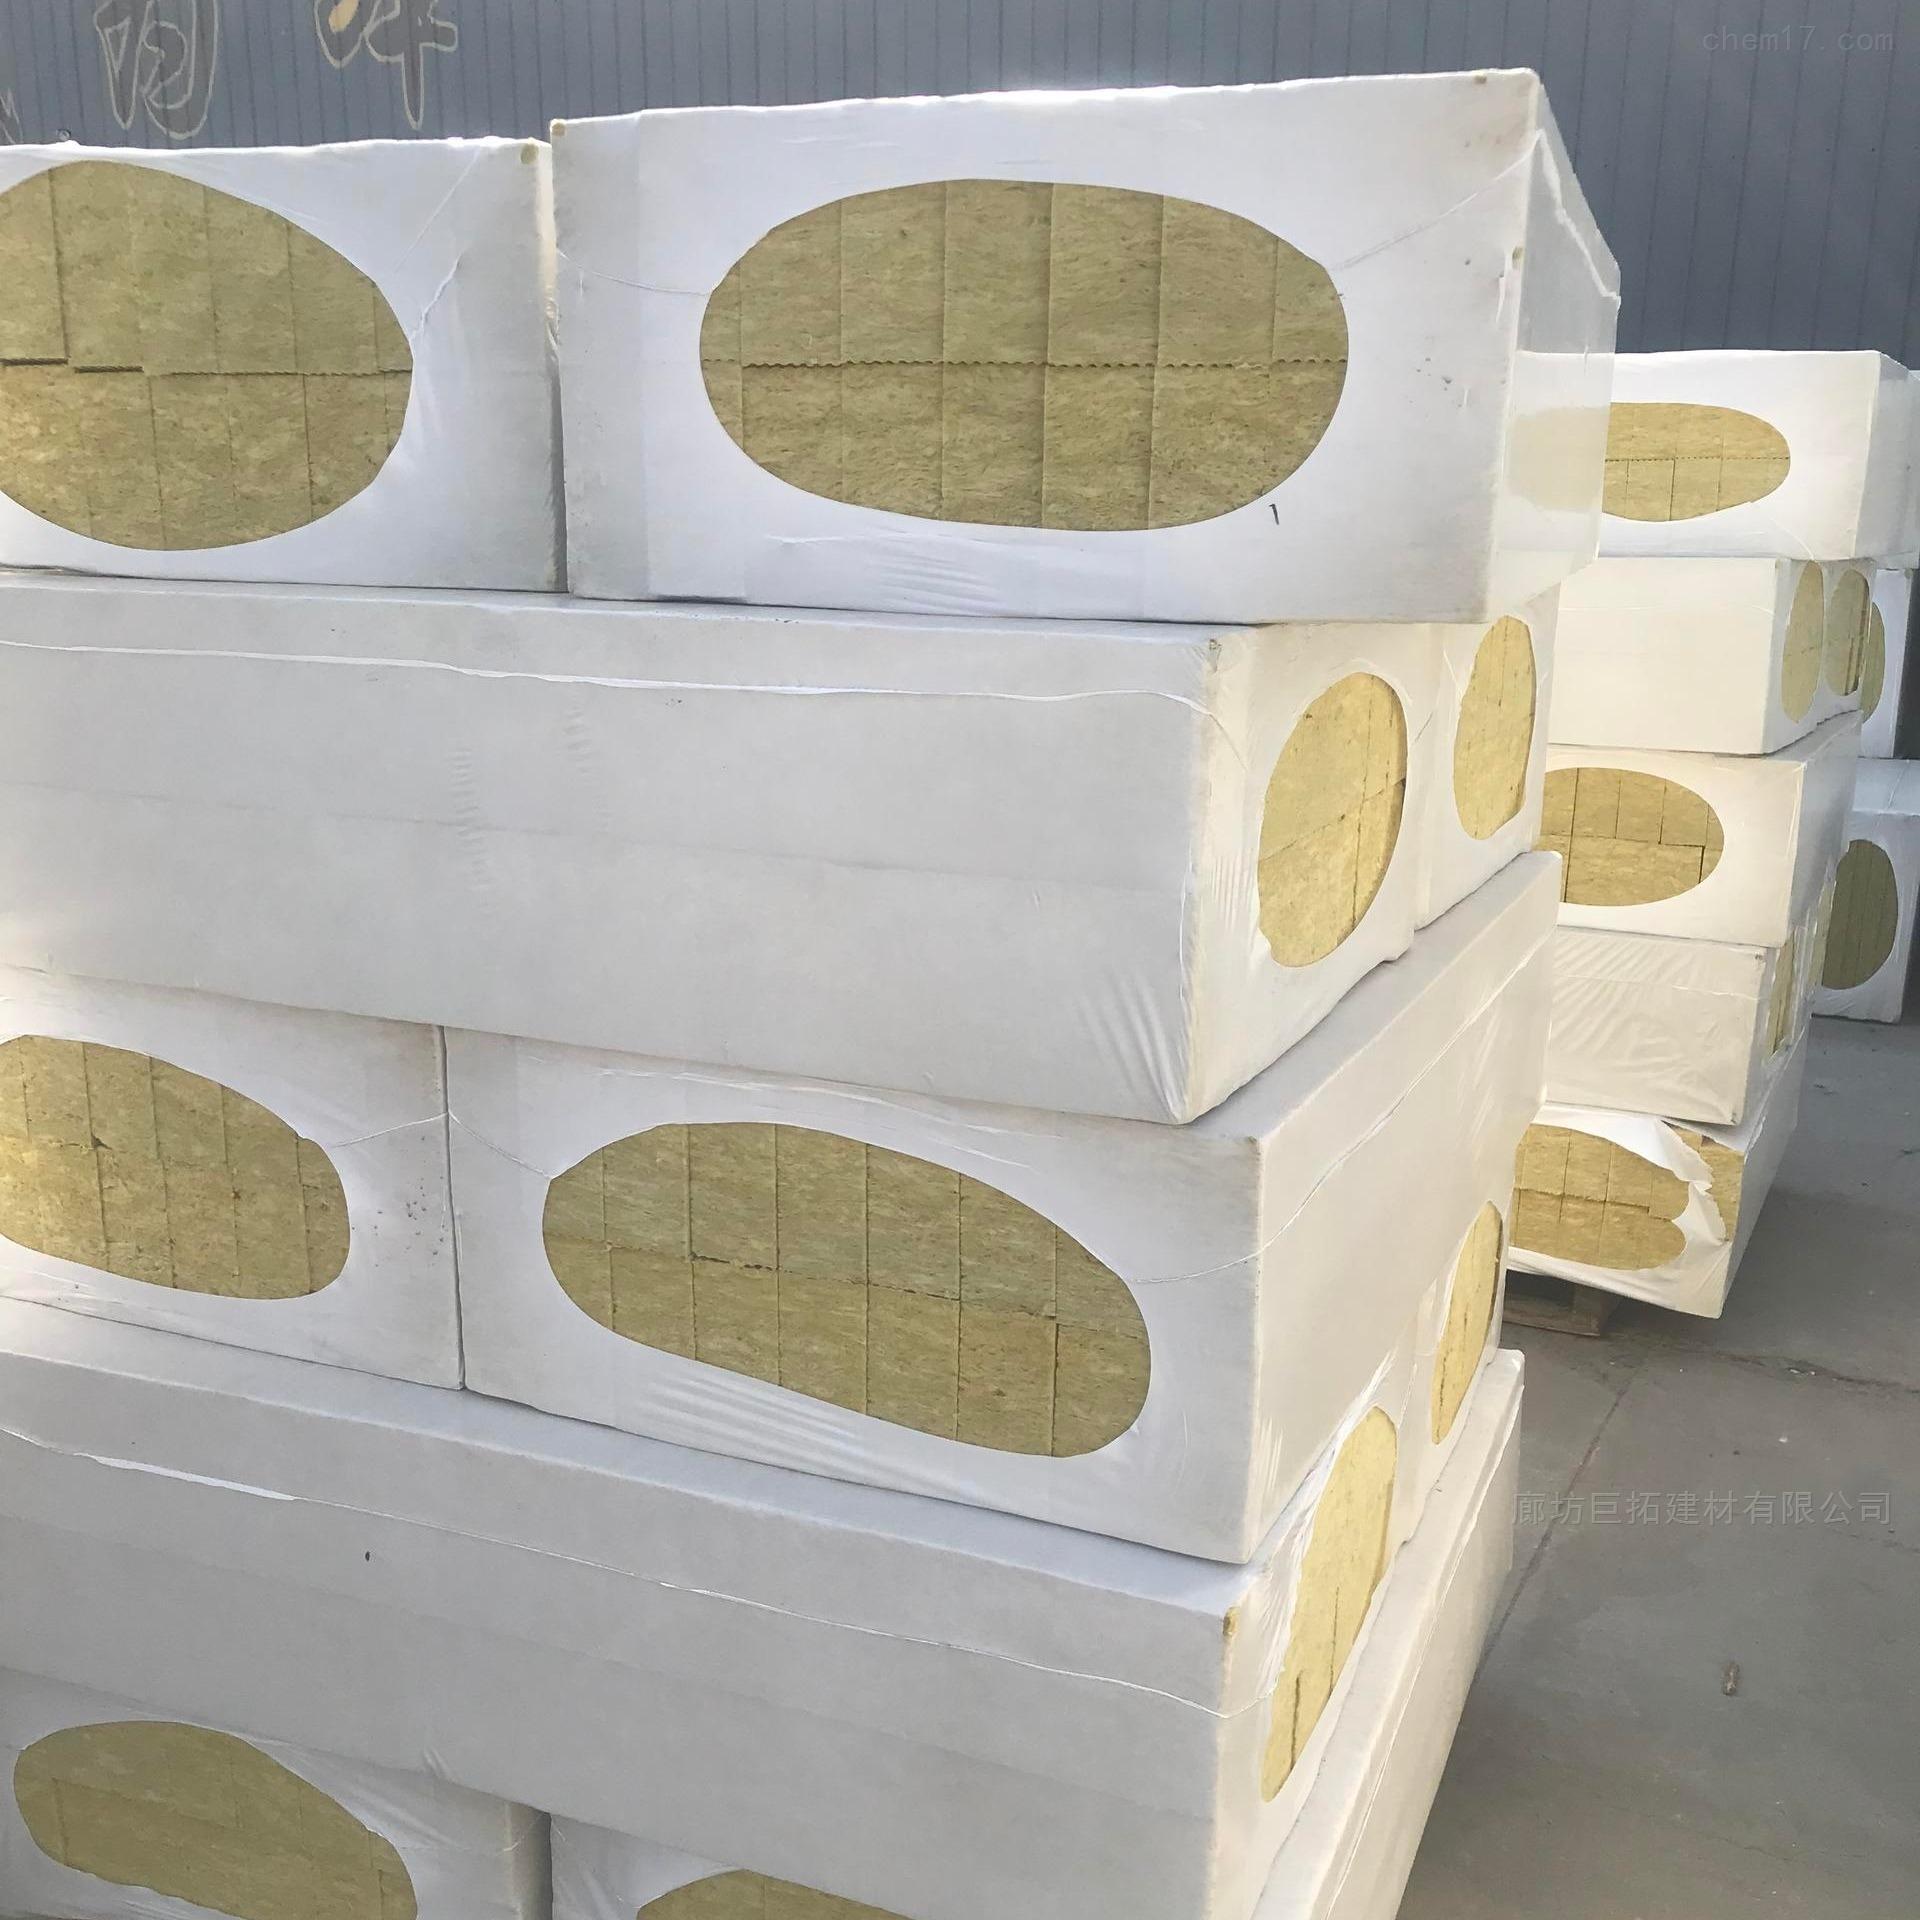 岩棉板复合板保温装饰外墙板